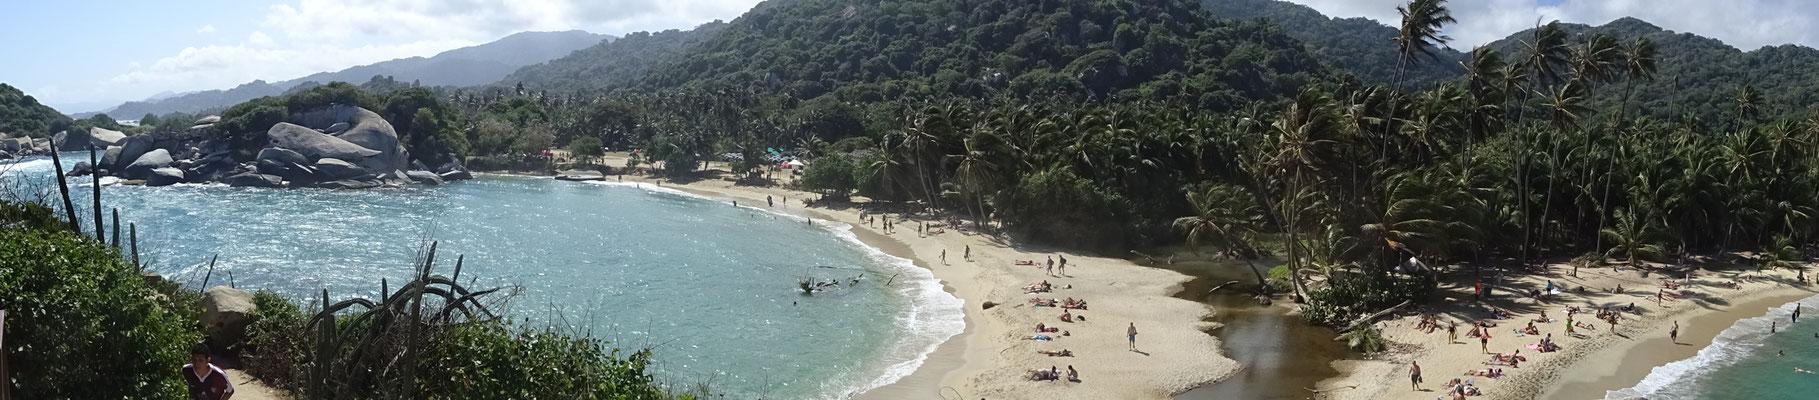 Blick von einer Halbinsel auf 2 Strände und viele Kolumbianer